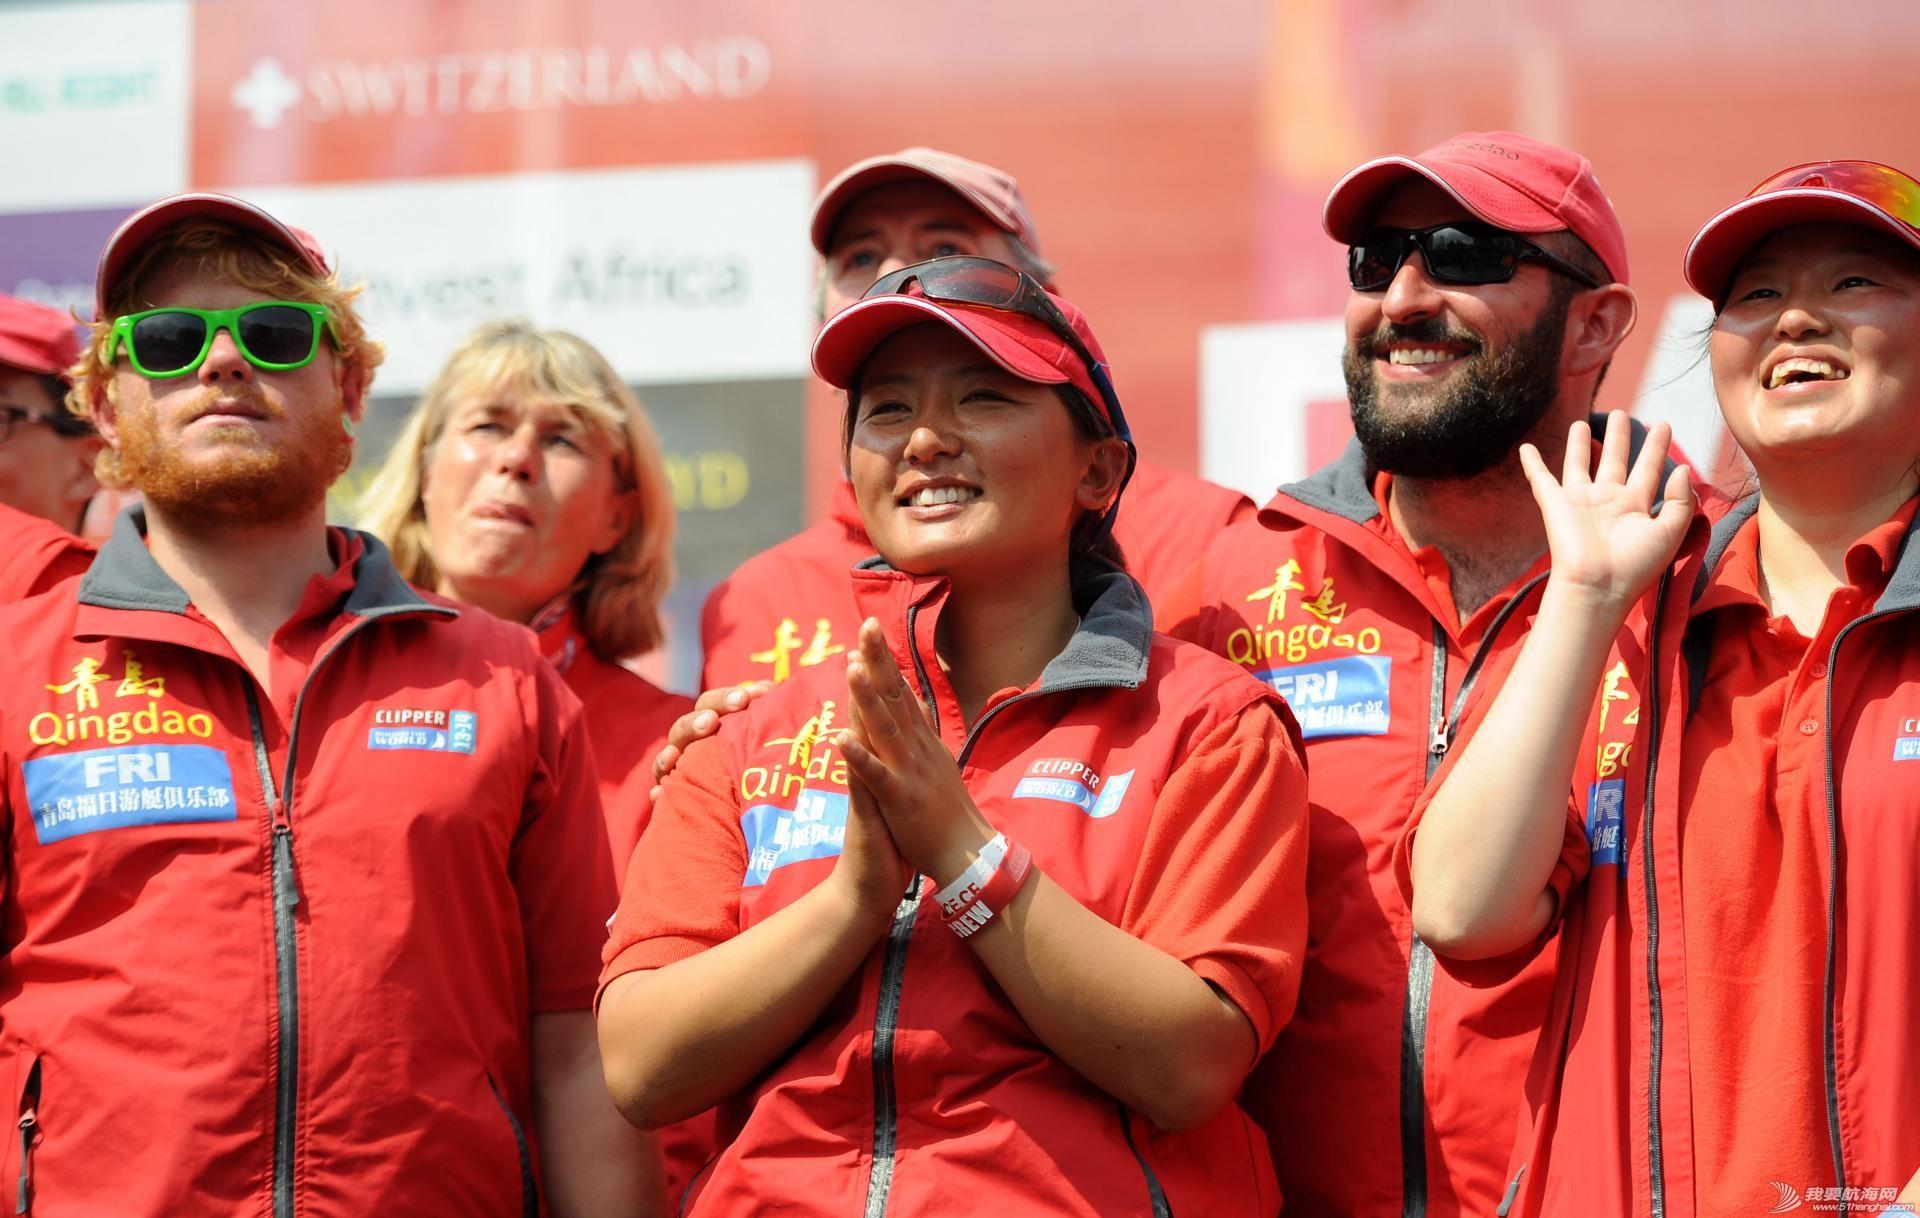 奥运冠军,大不列颠,泰晤士河,航海家,徐莉佳 中国姑娘宋坤顺利完成克利伯环球帆船赛,成为中国第一位完成帆船赛环球航行的女水手。 nn.jpg